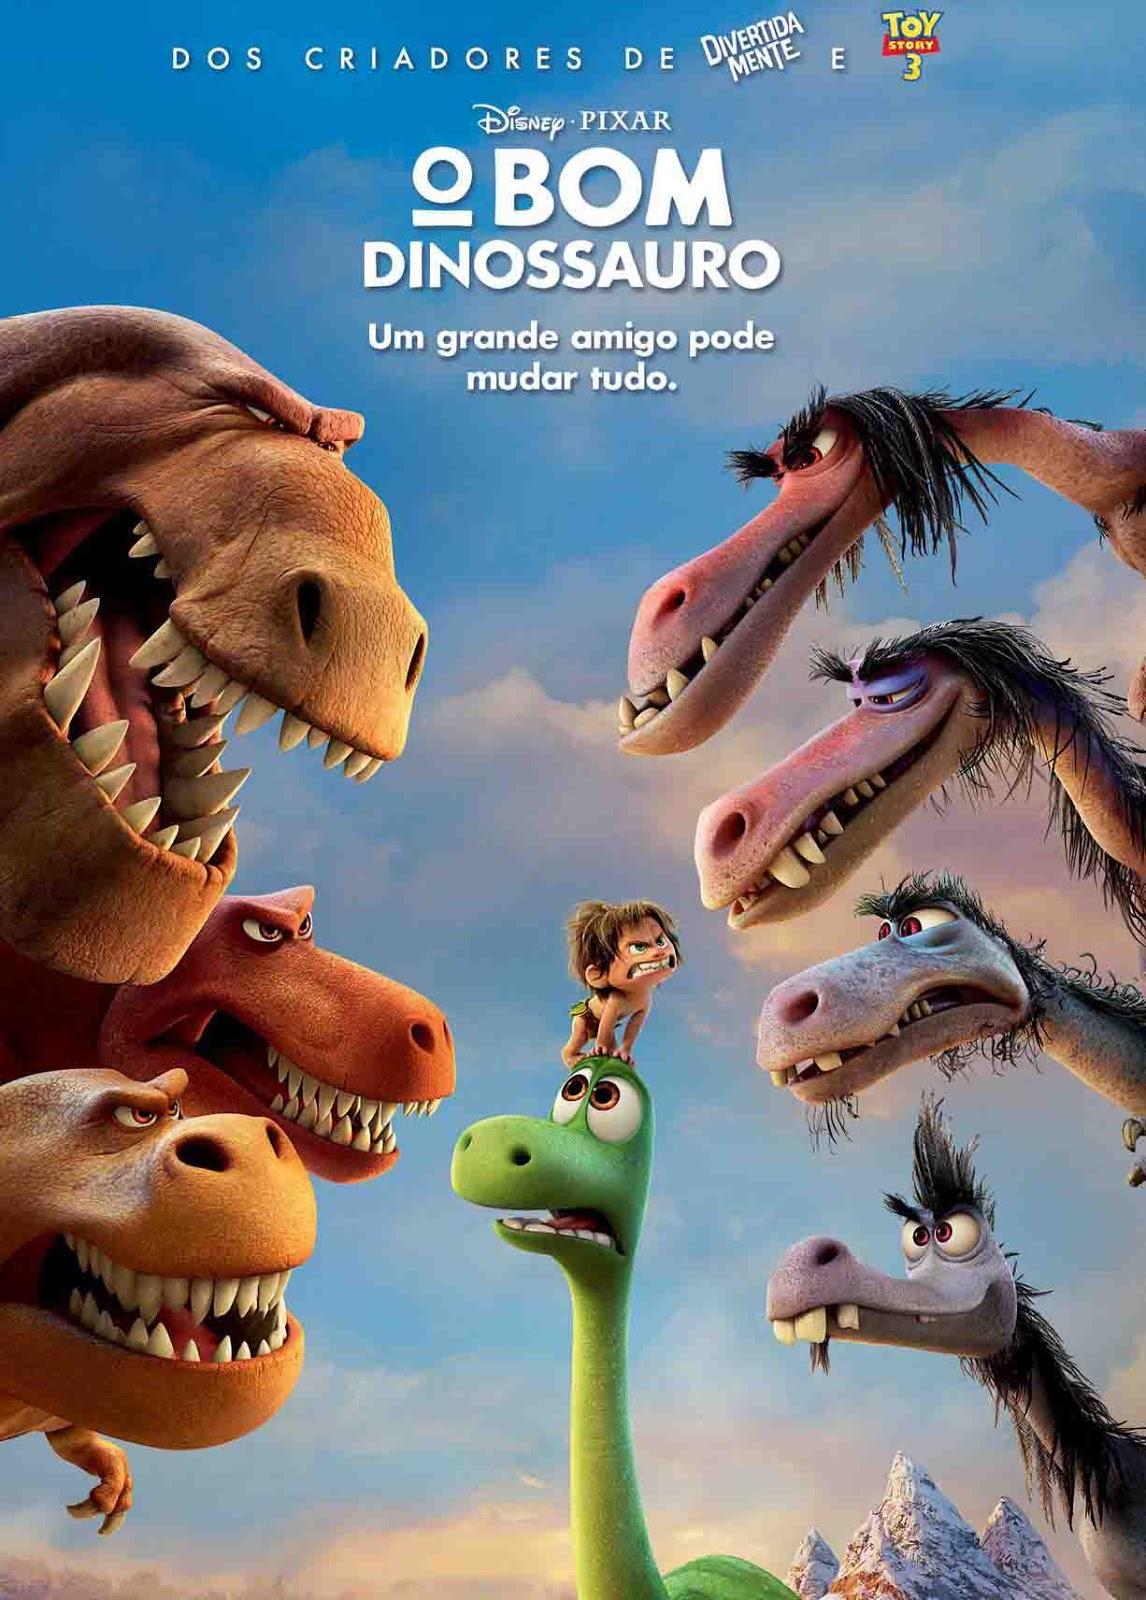 O Bom Dinossauro 3D Torrent - Blu-ray Rip 1080p Dual Áudio (2016)